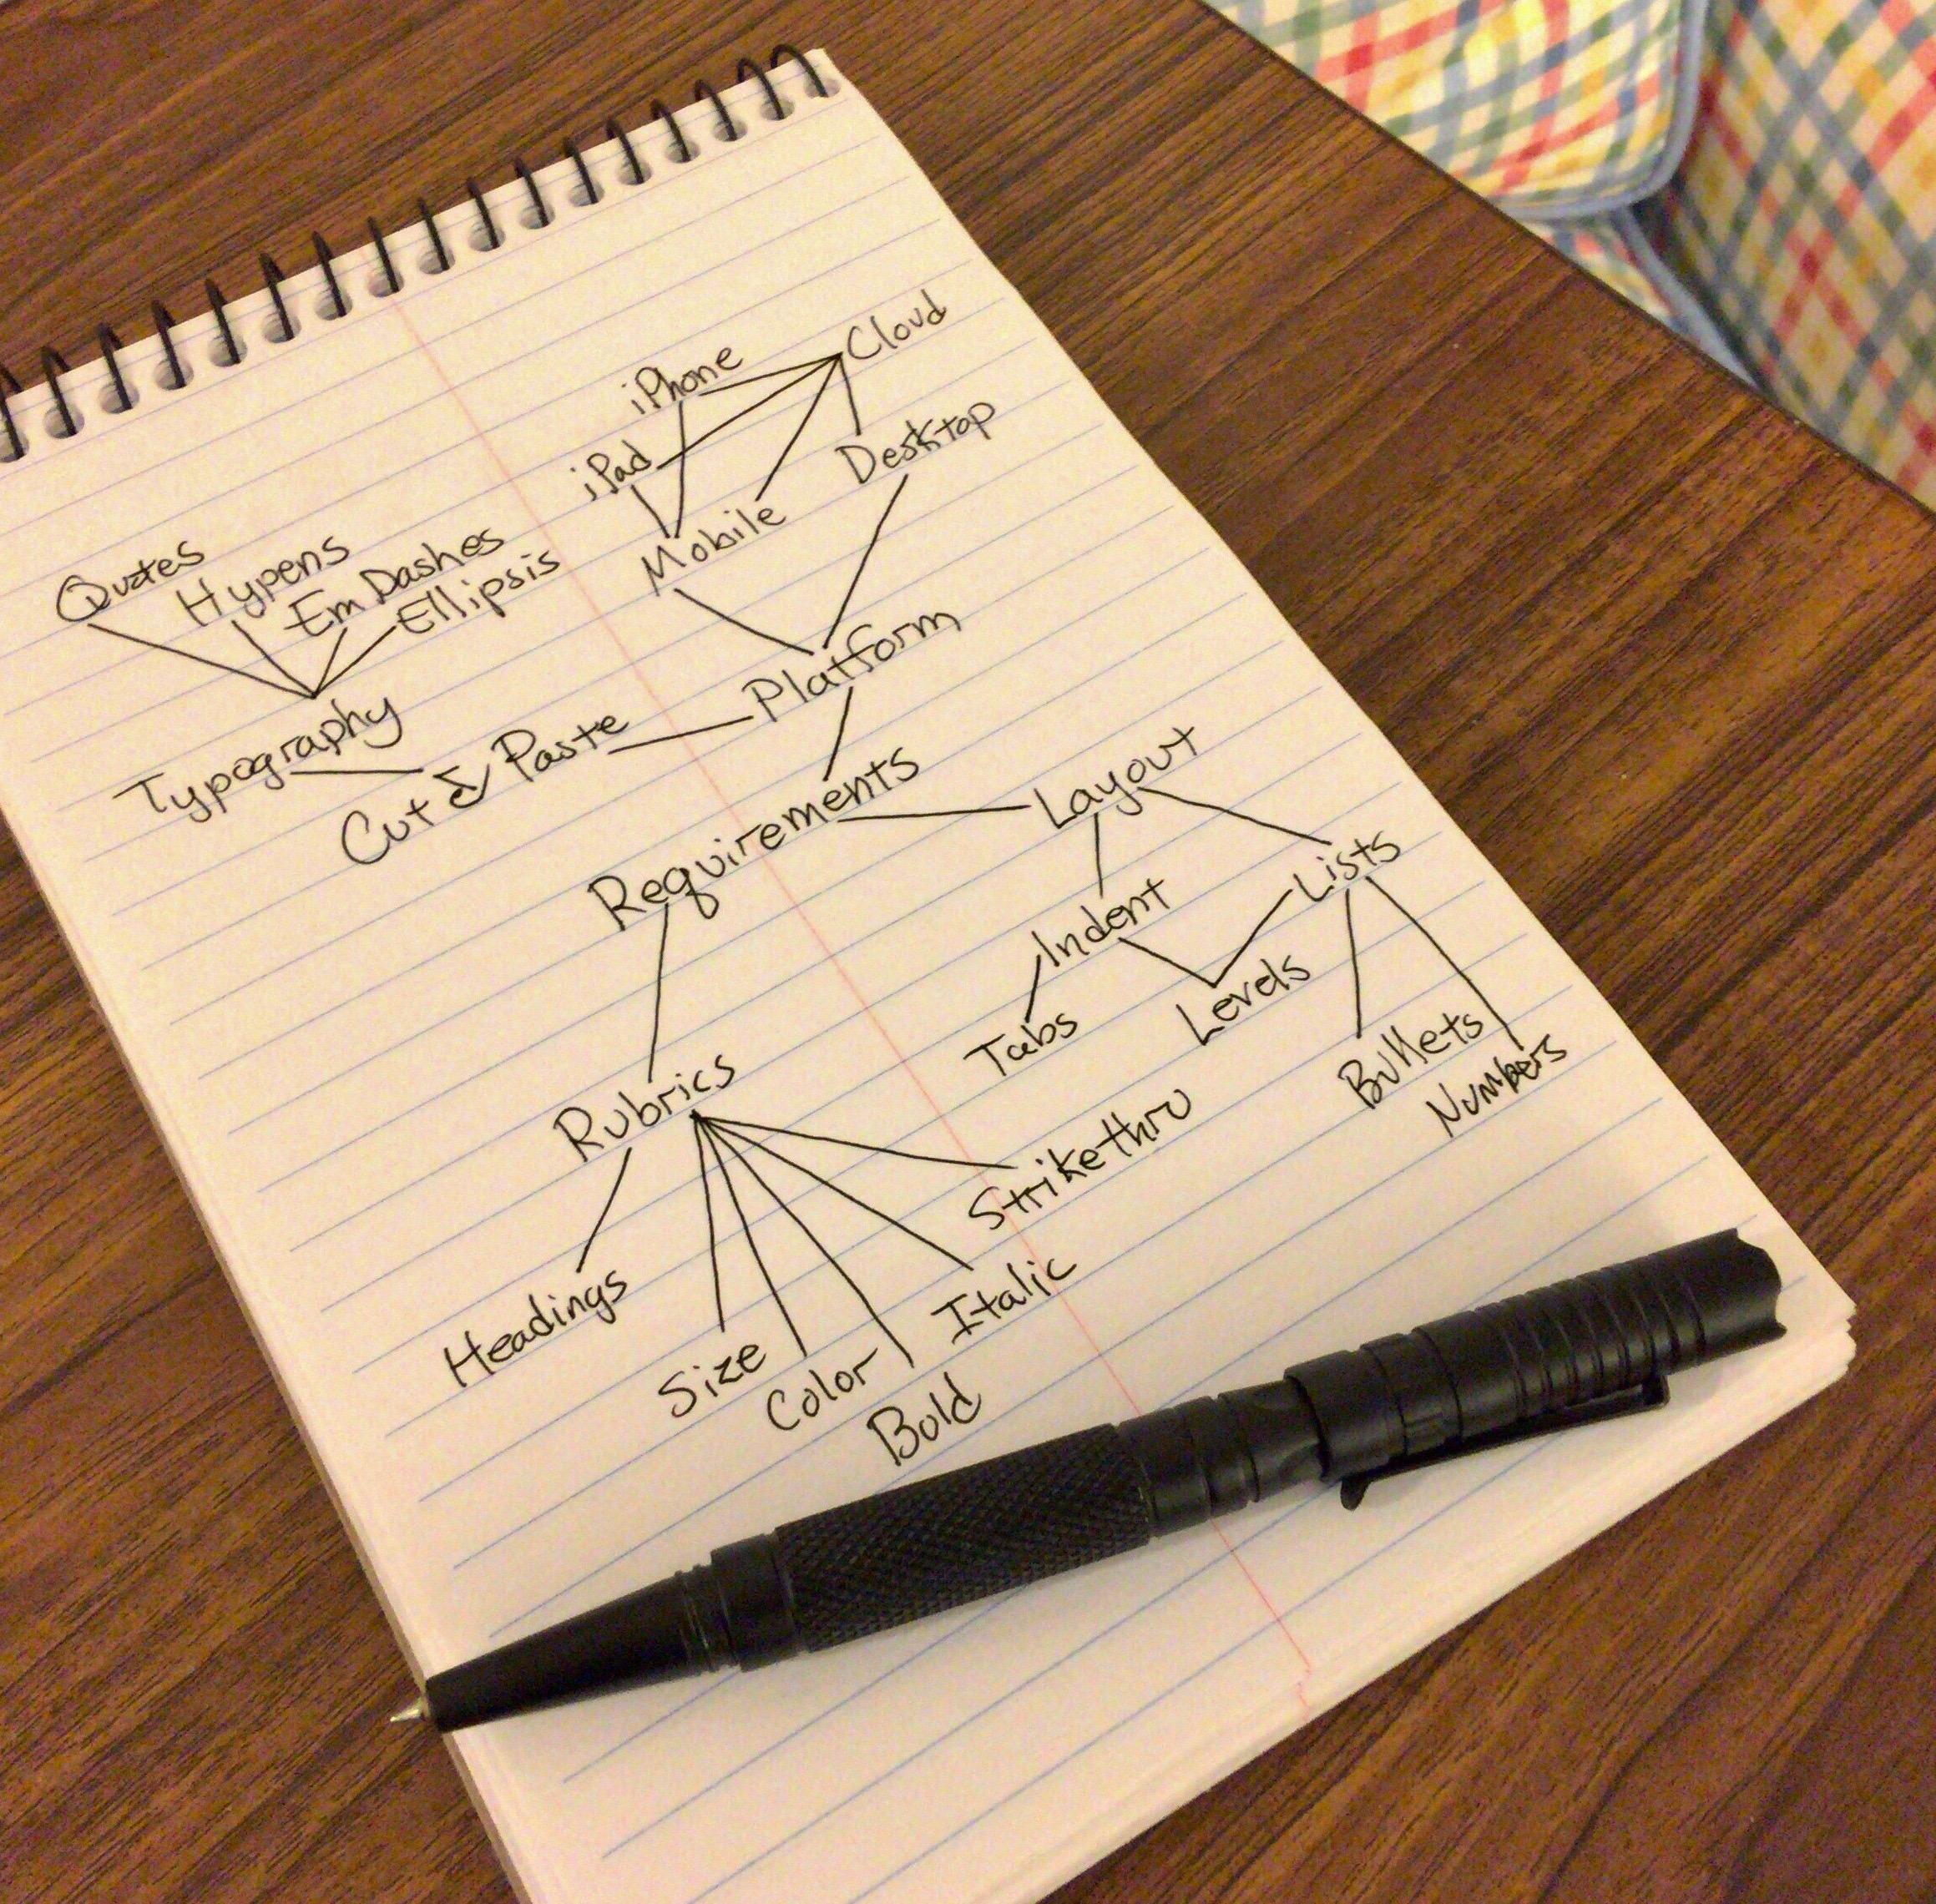 A handwritten mind map